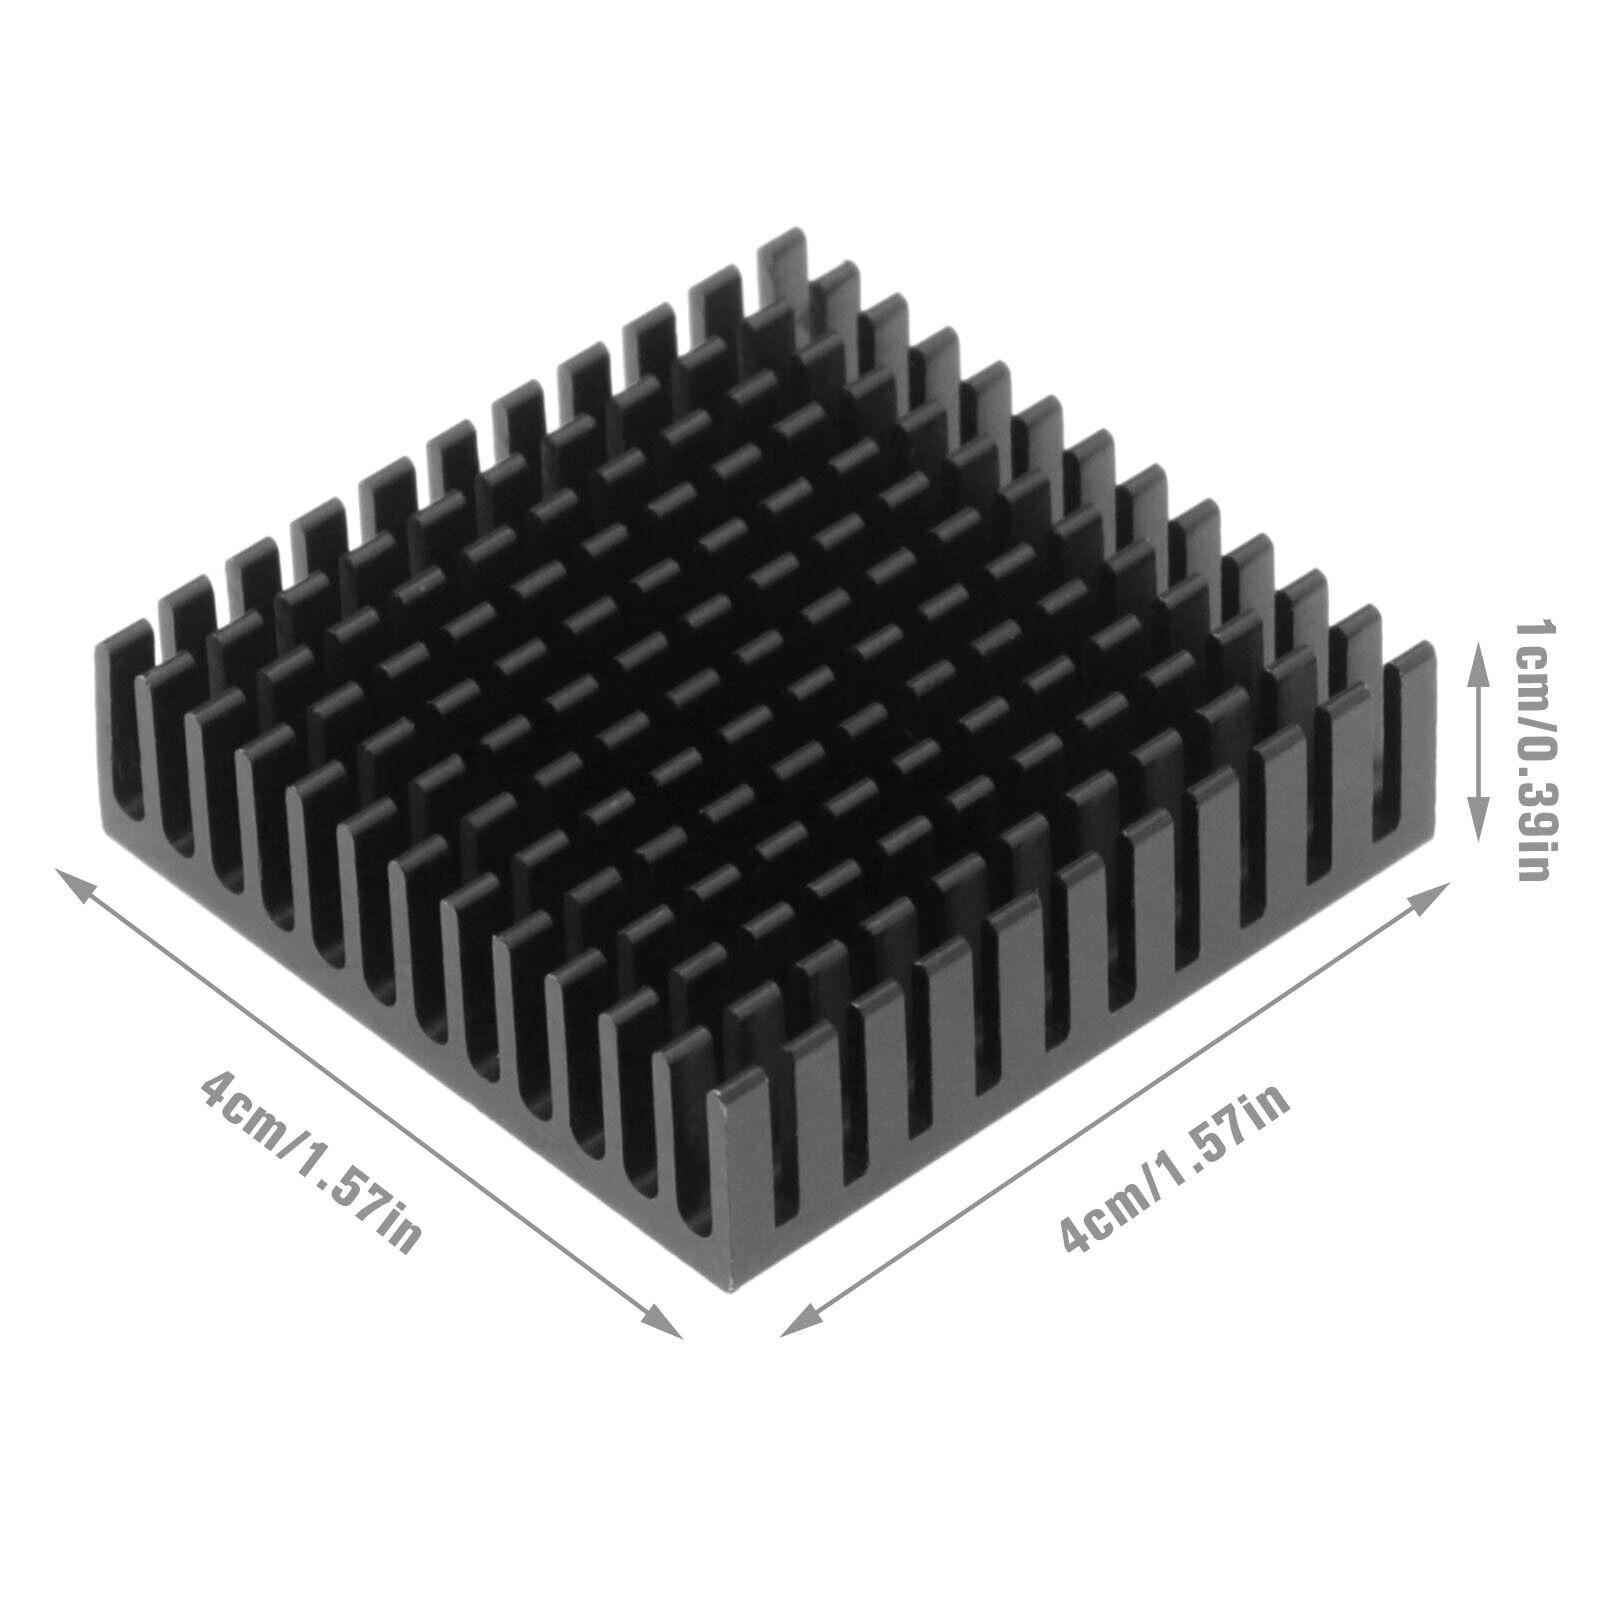 3Pcs Vibration Damper Heatsink for 3D Printer Nema17 Stepper Motor